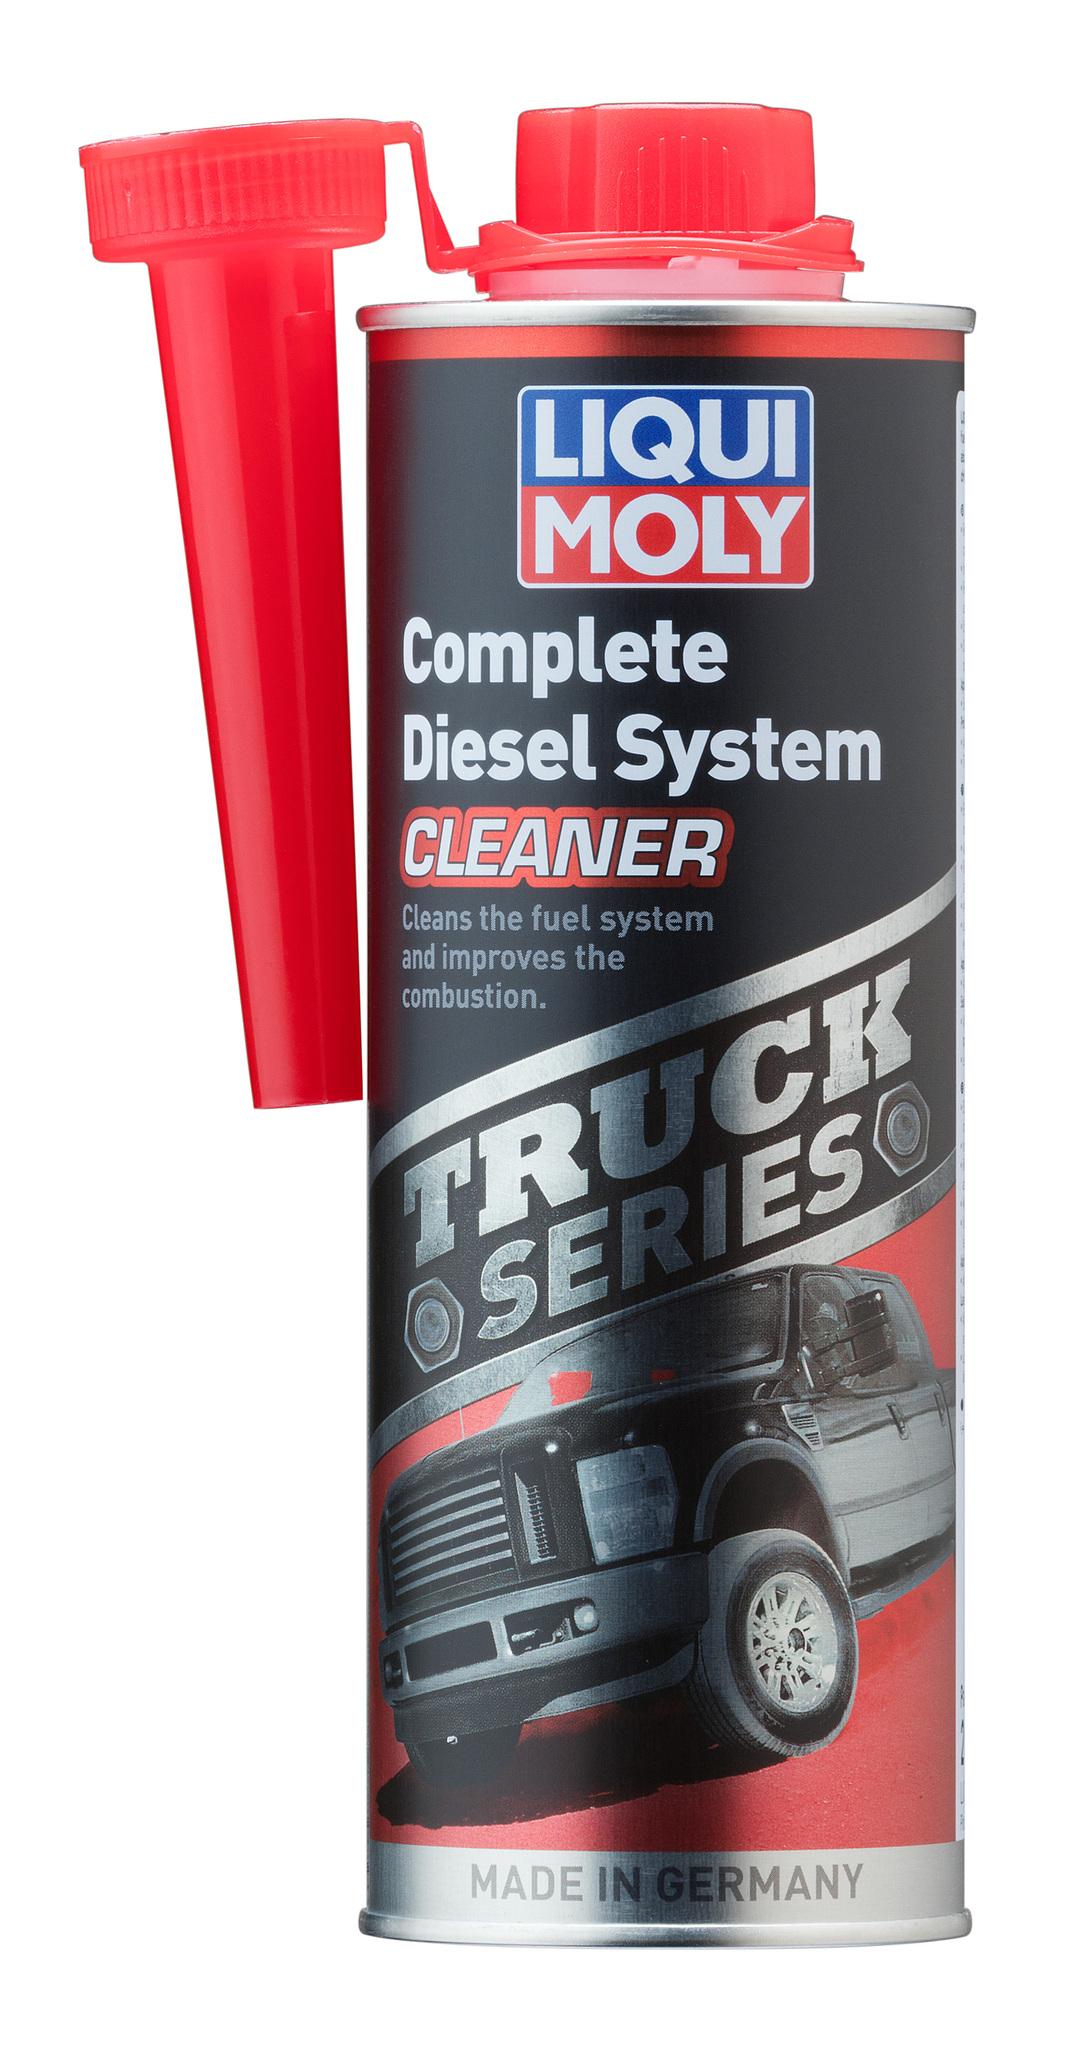 Liqui Moly Truck Series Complete Diesel System Cleaner Очиститель дизельных систем тяжелых внедорожников и пикапов